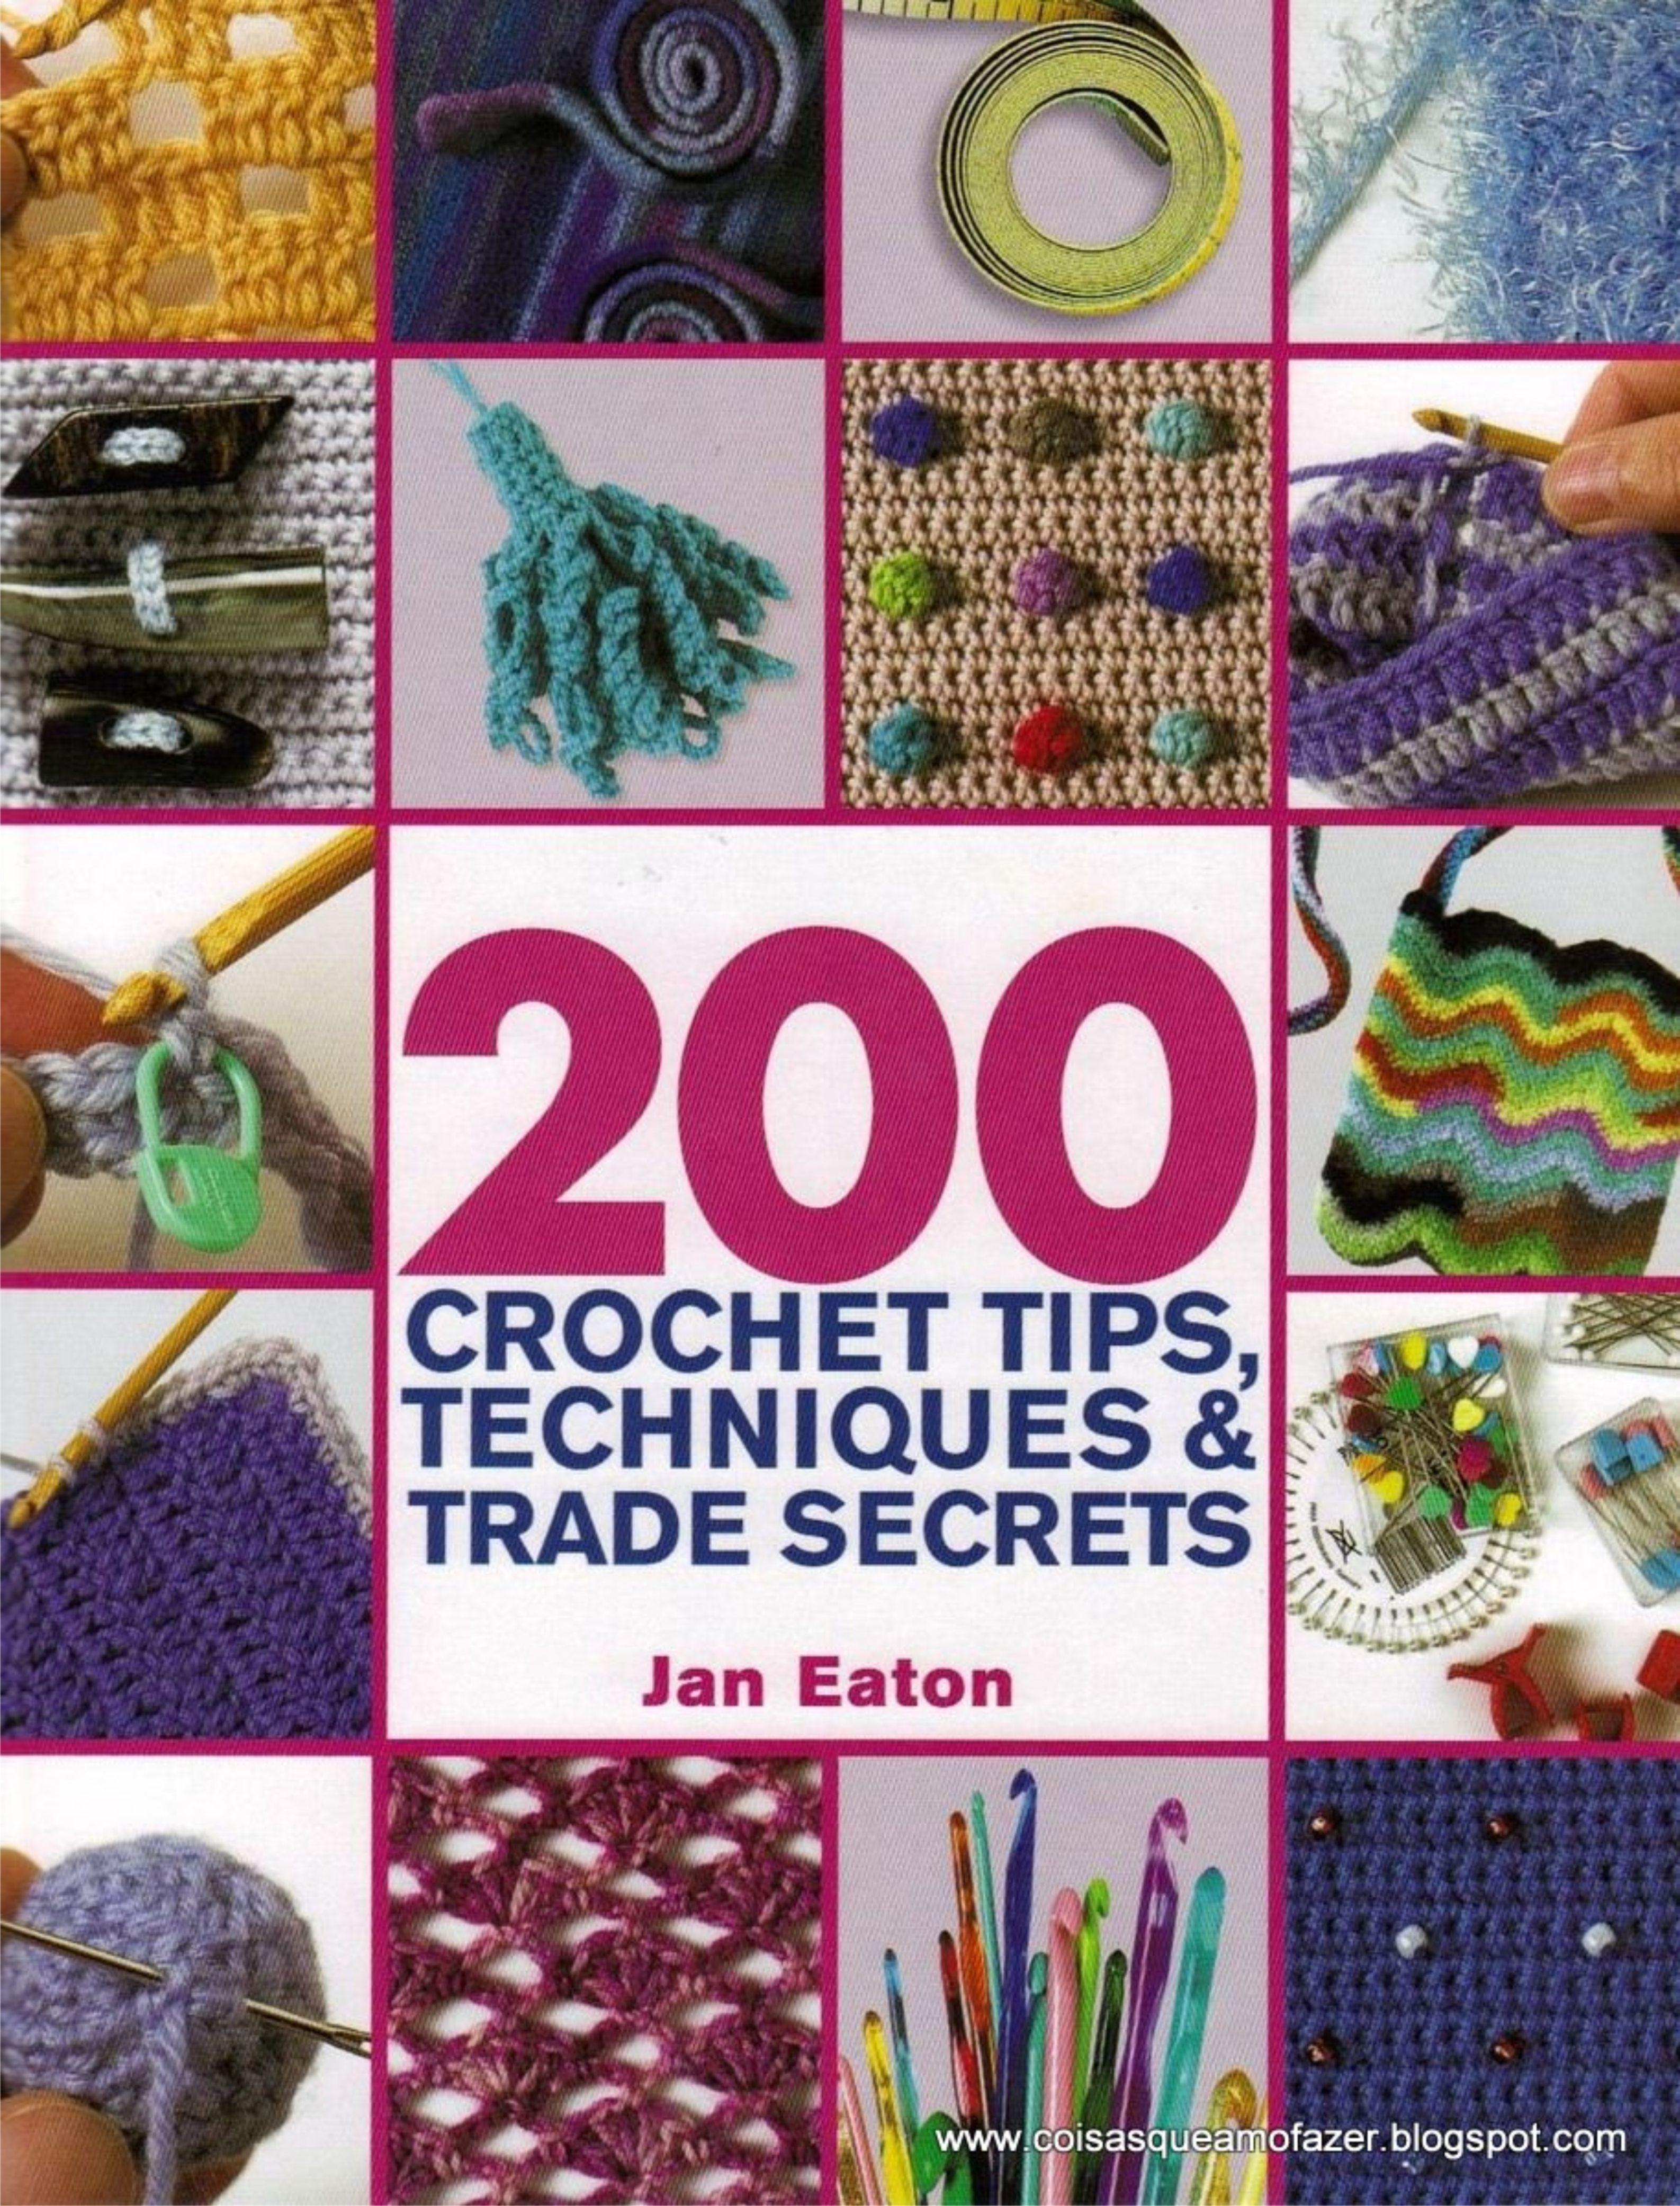 Muchas revistas de crochet y otras manualidades aquí: http://www.revistasdelabores.com/tag/revistas-de-ganchillo/